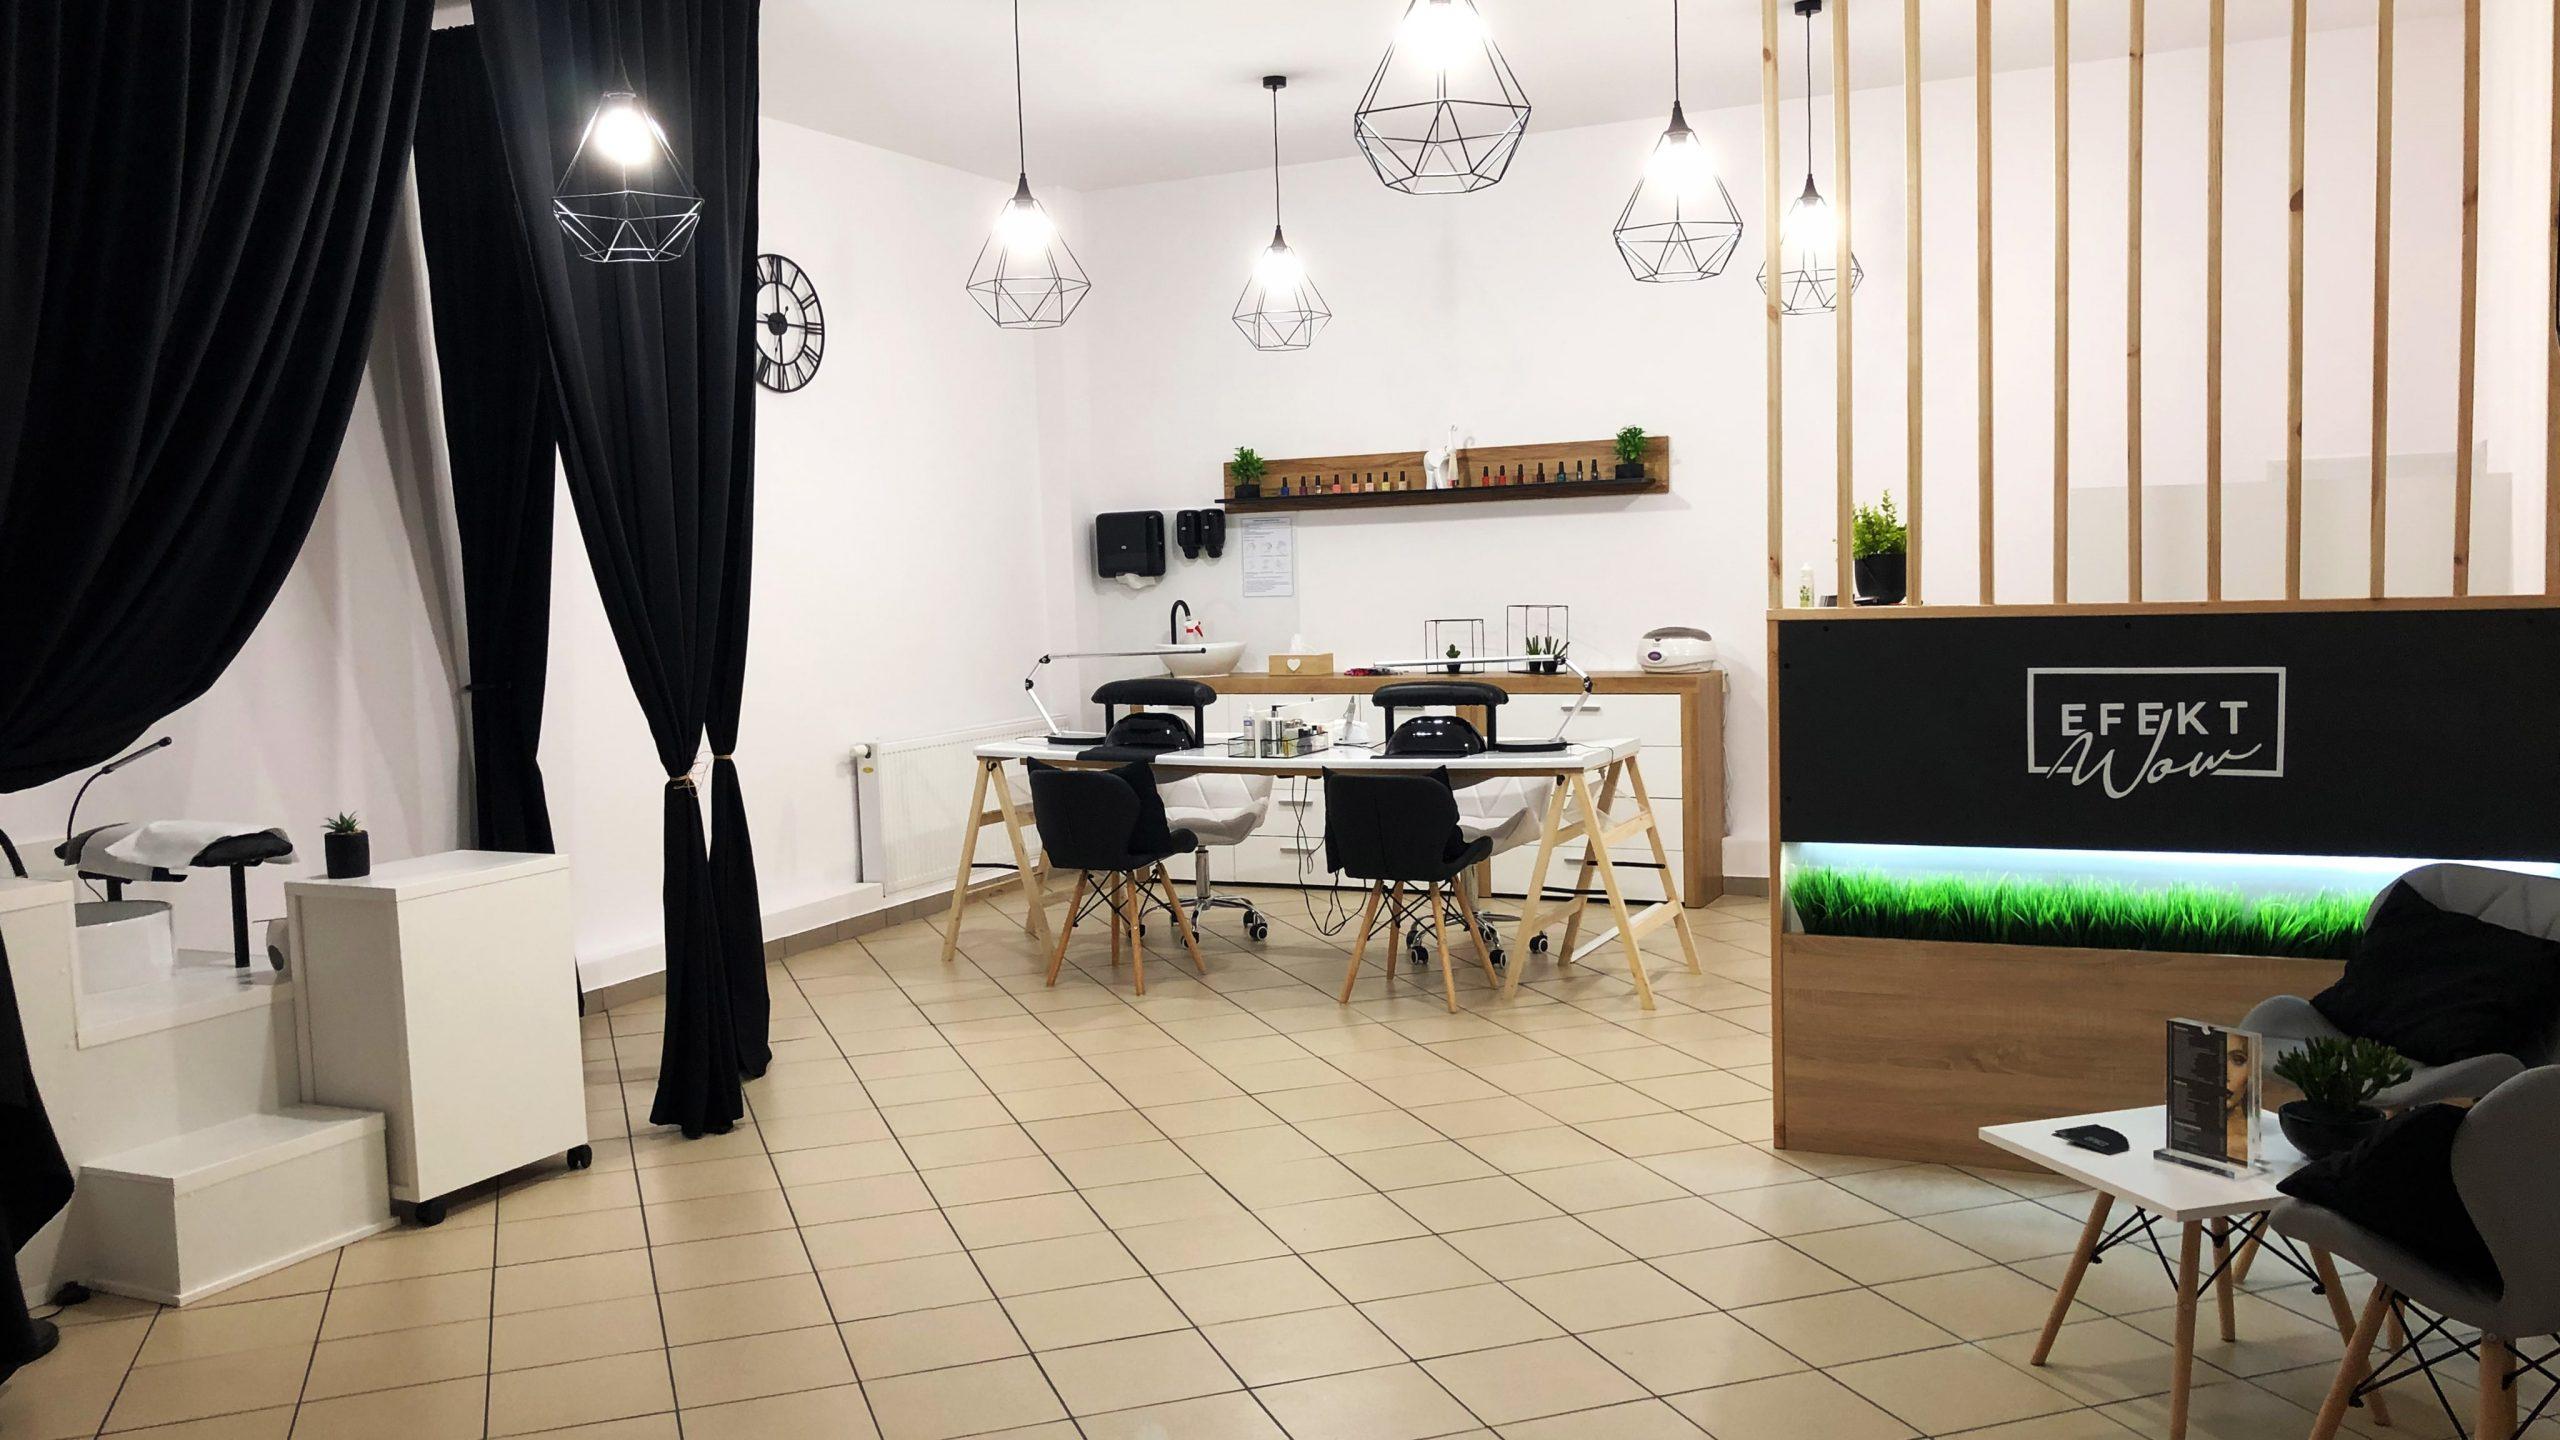 Salon Kosmetyczny Efekt WOW (Bielsko-Biała)